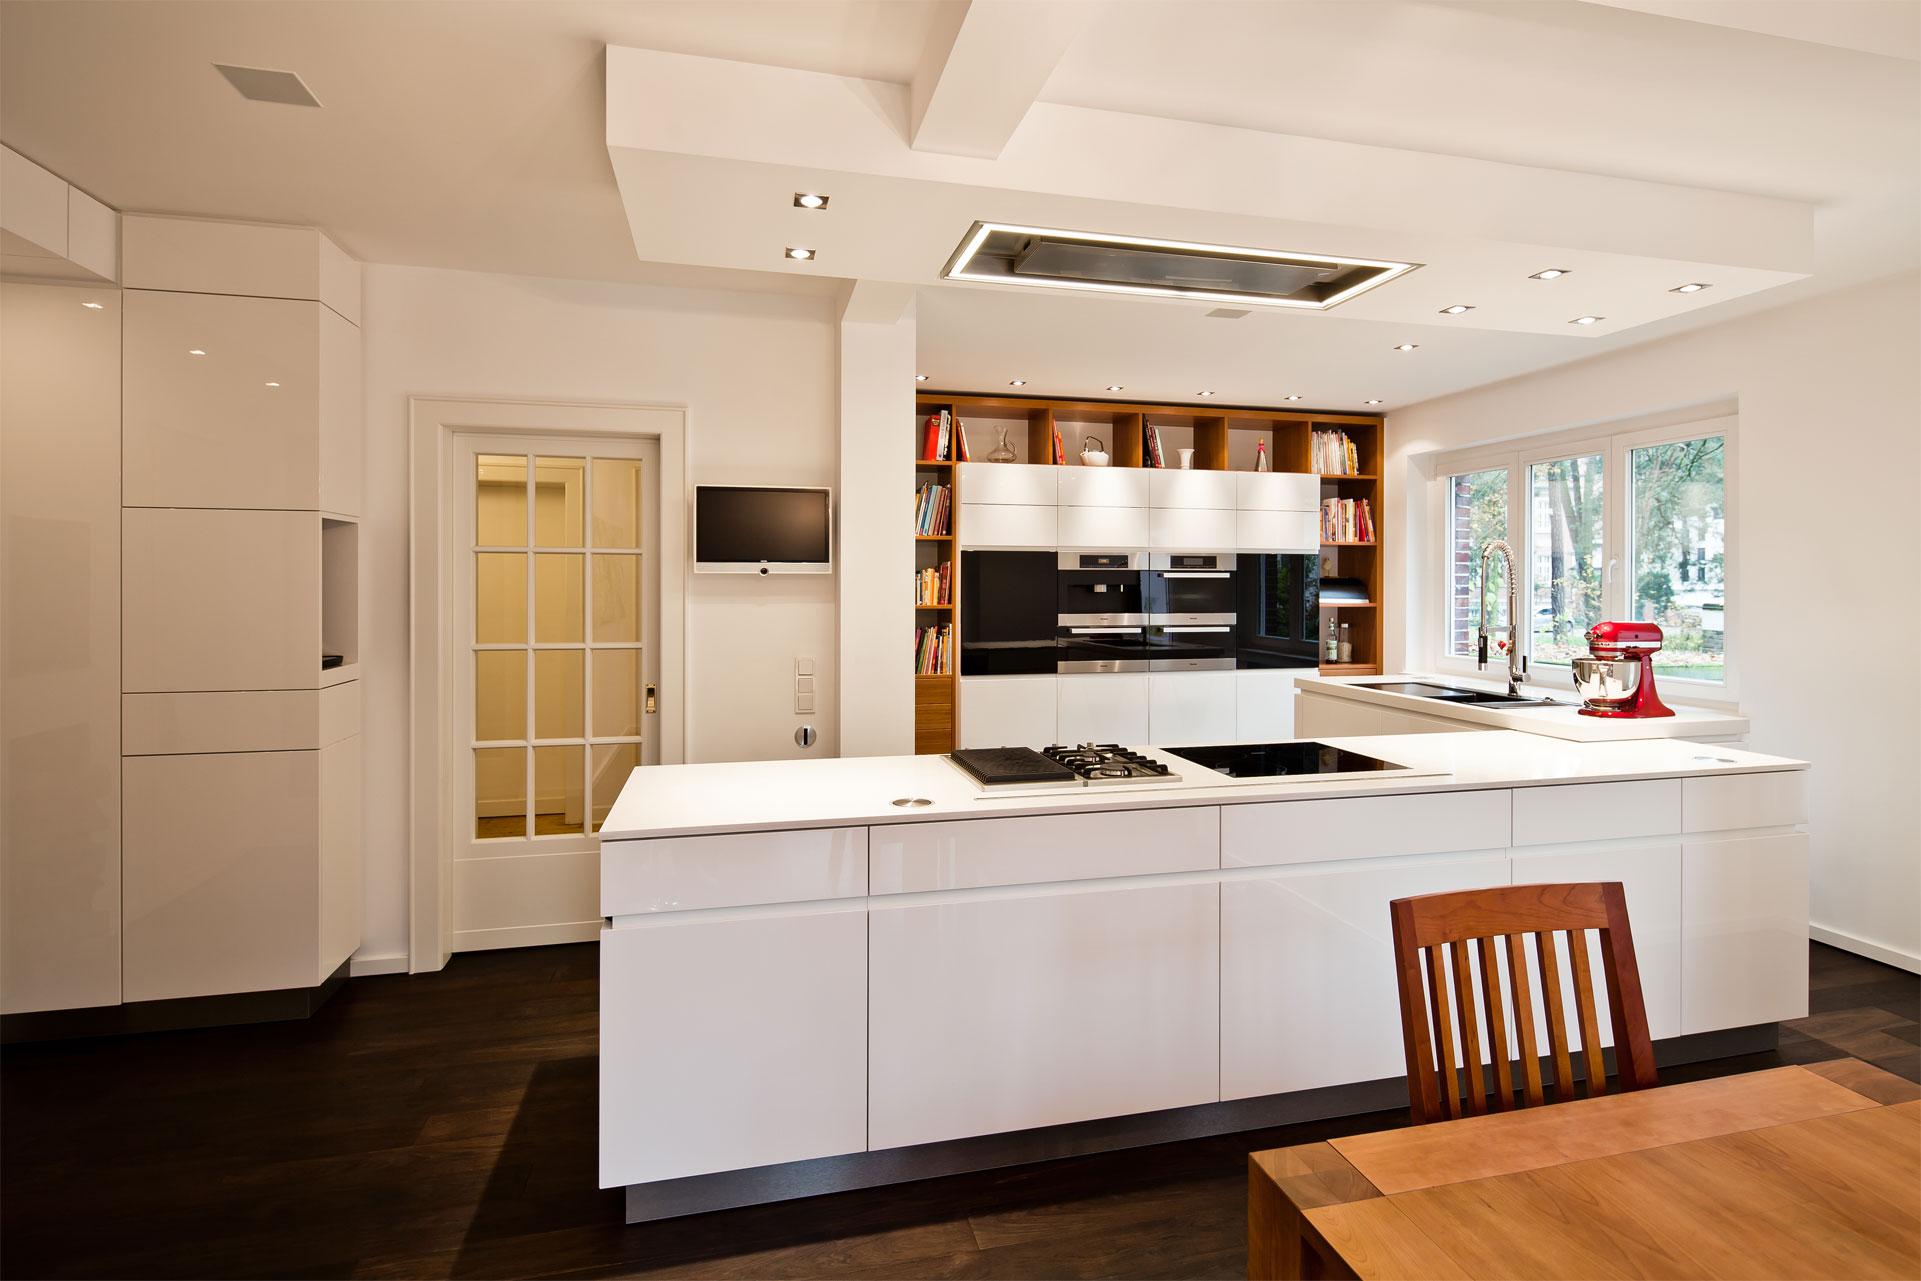 renovierung einer wohnk che mit vielen besonderheiten. Black Bedroom Furniture Sets. Home Design Ideas